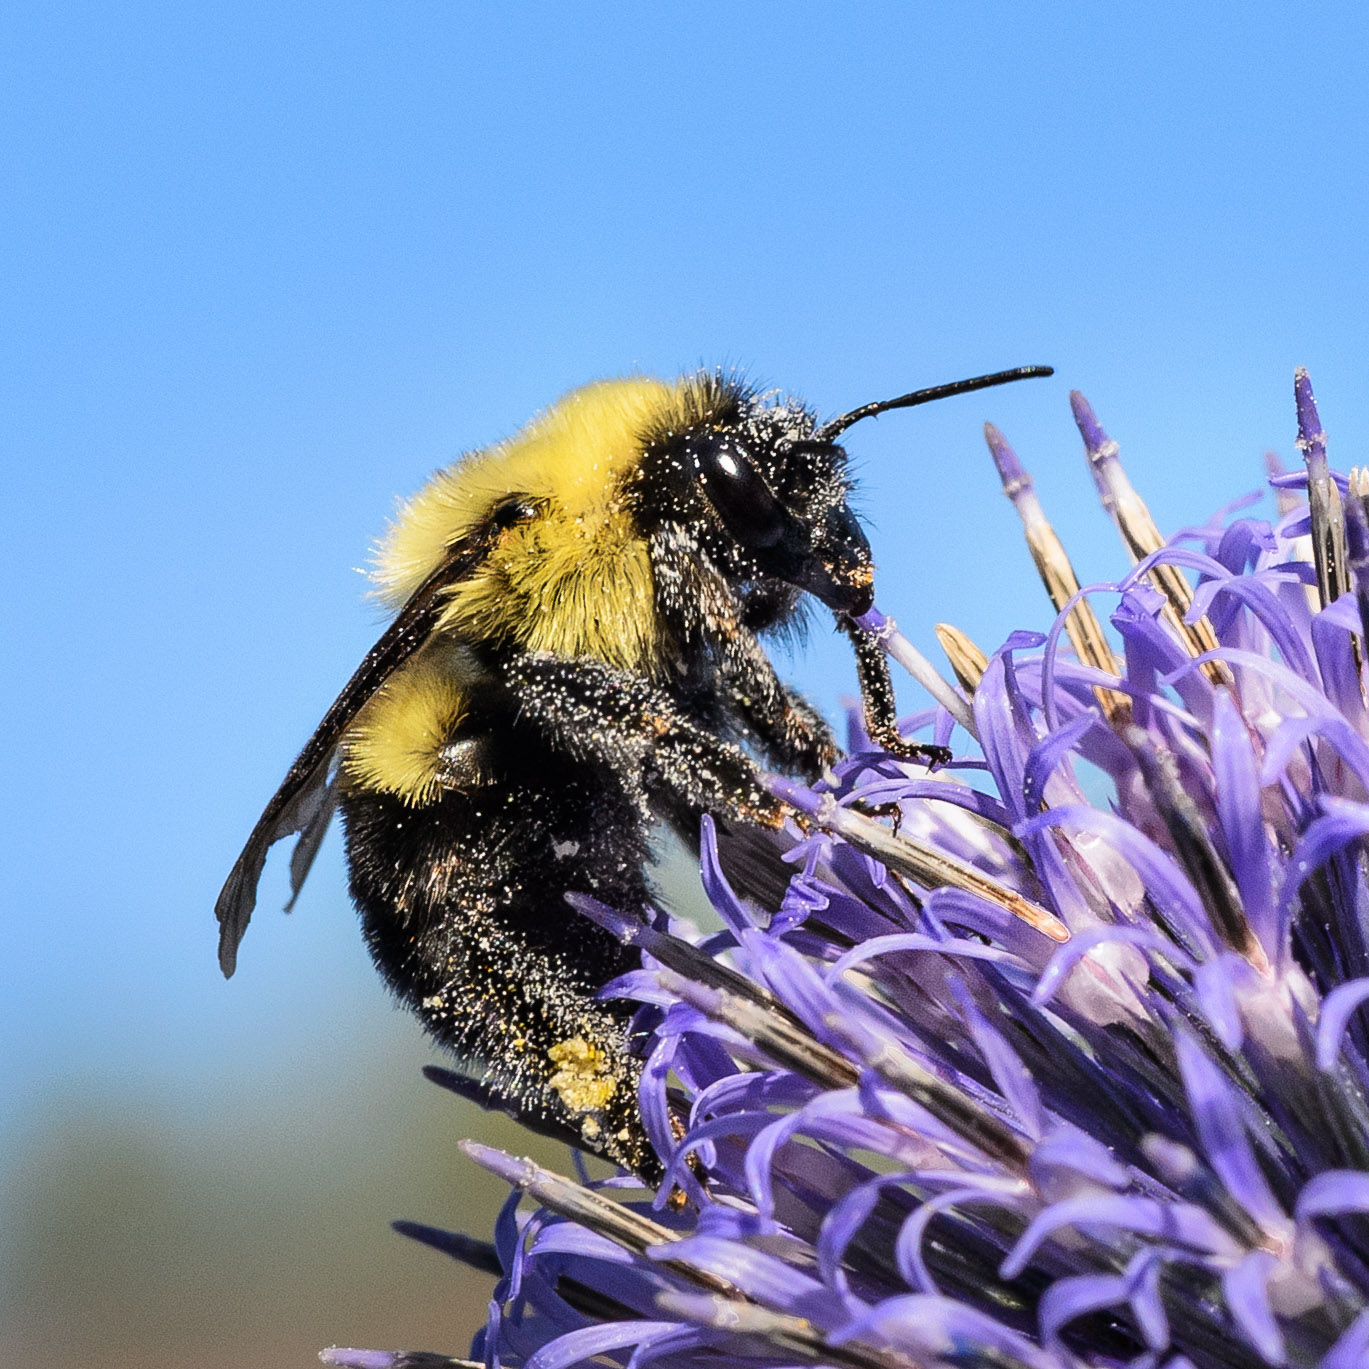 Nul doute que ce bourdon est un pollinisateur efficace!